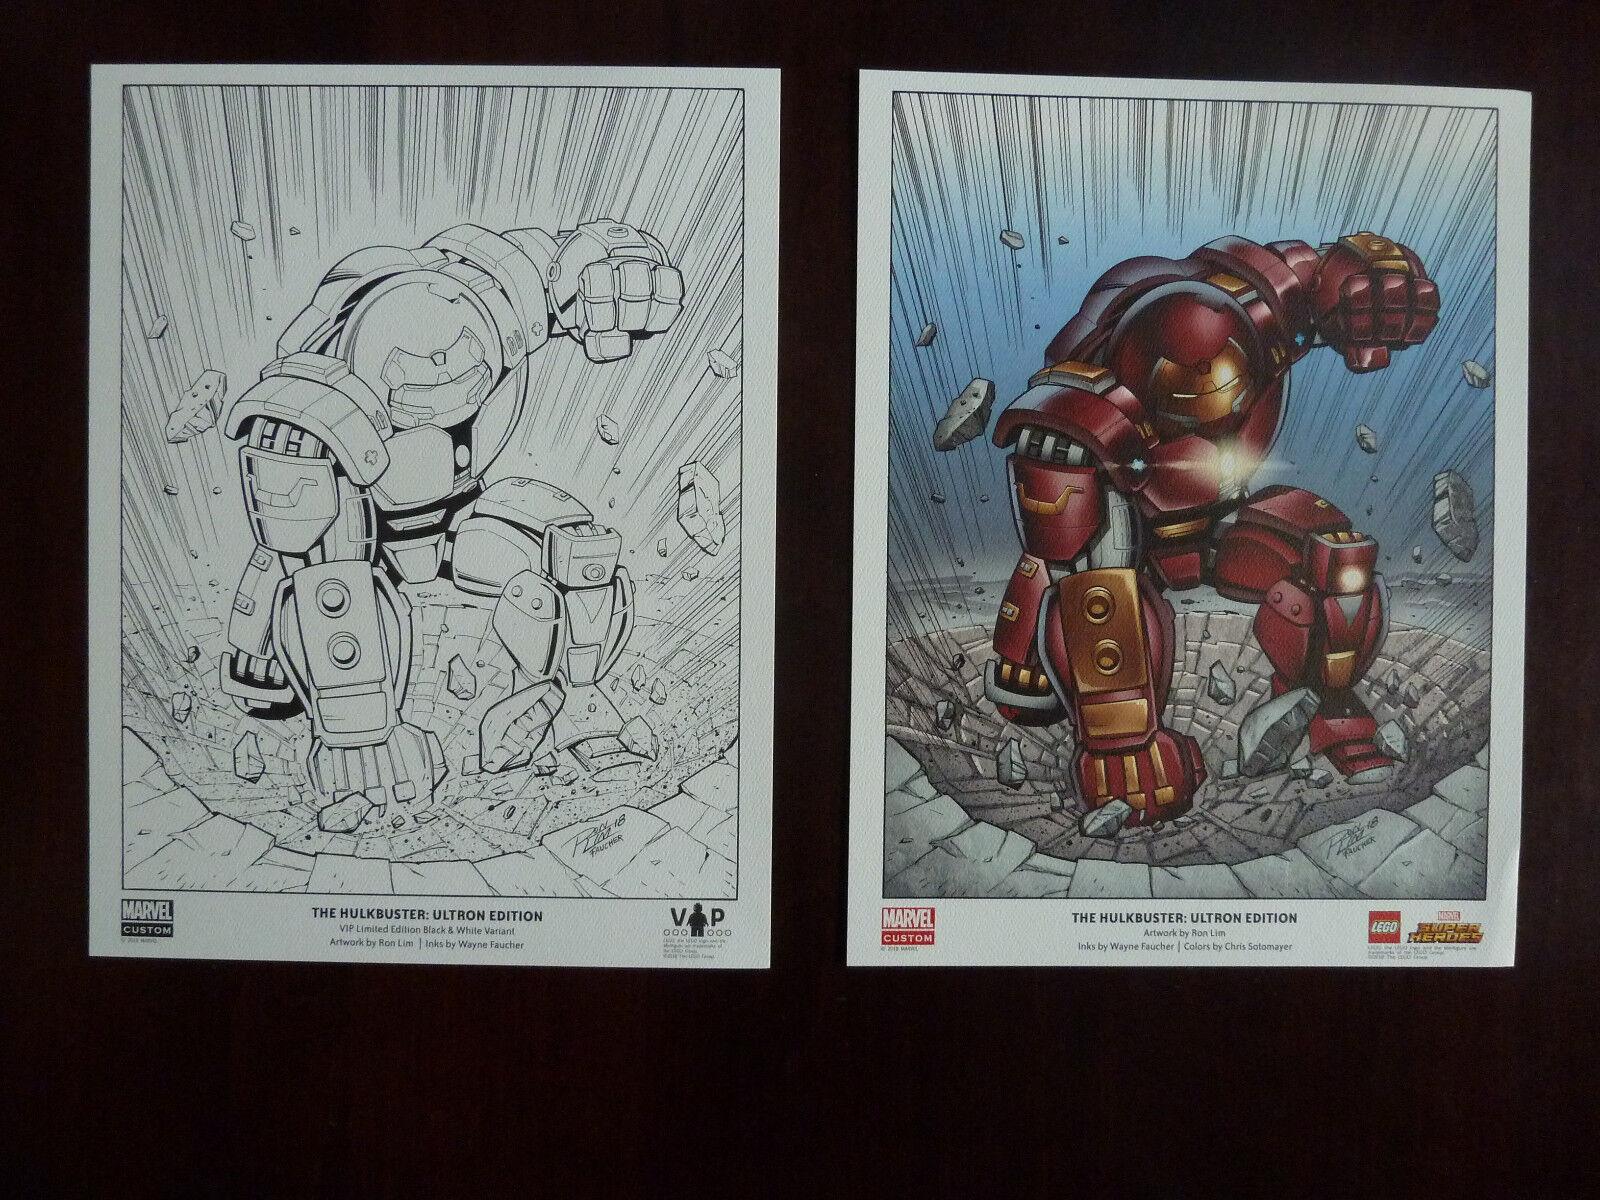 LEGO Iron uomo Hulkautobuster Limited edizione 5005573 5005574 Ultron edizione  Posters  nuovo di marca